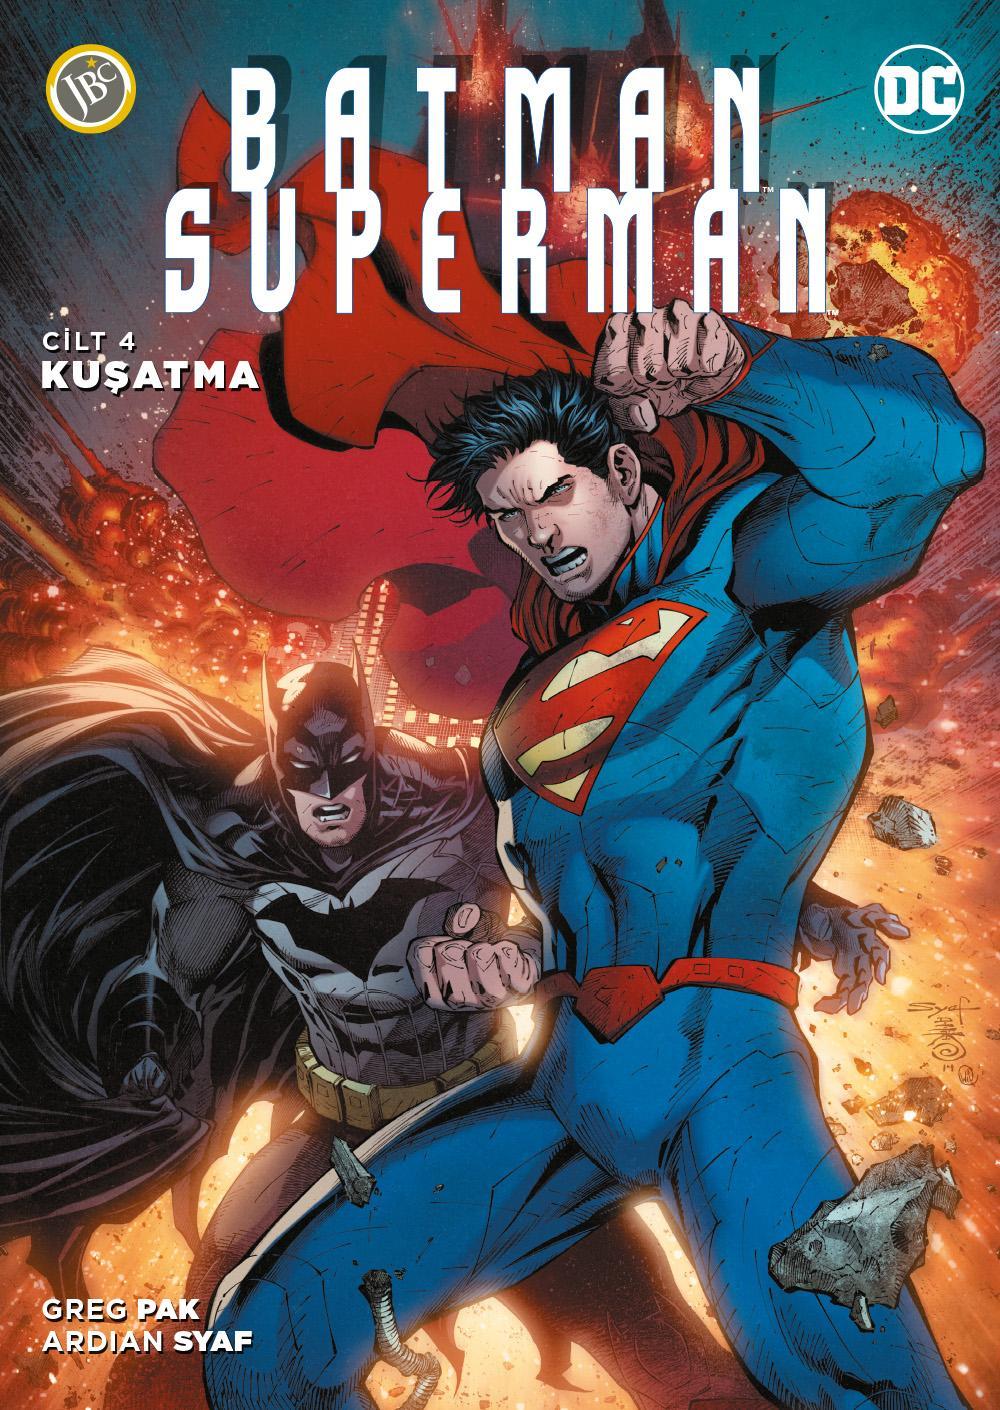 Batman Superman Cilt 4 - Kuşatma